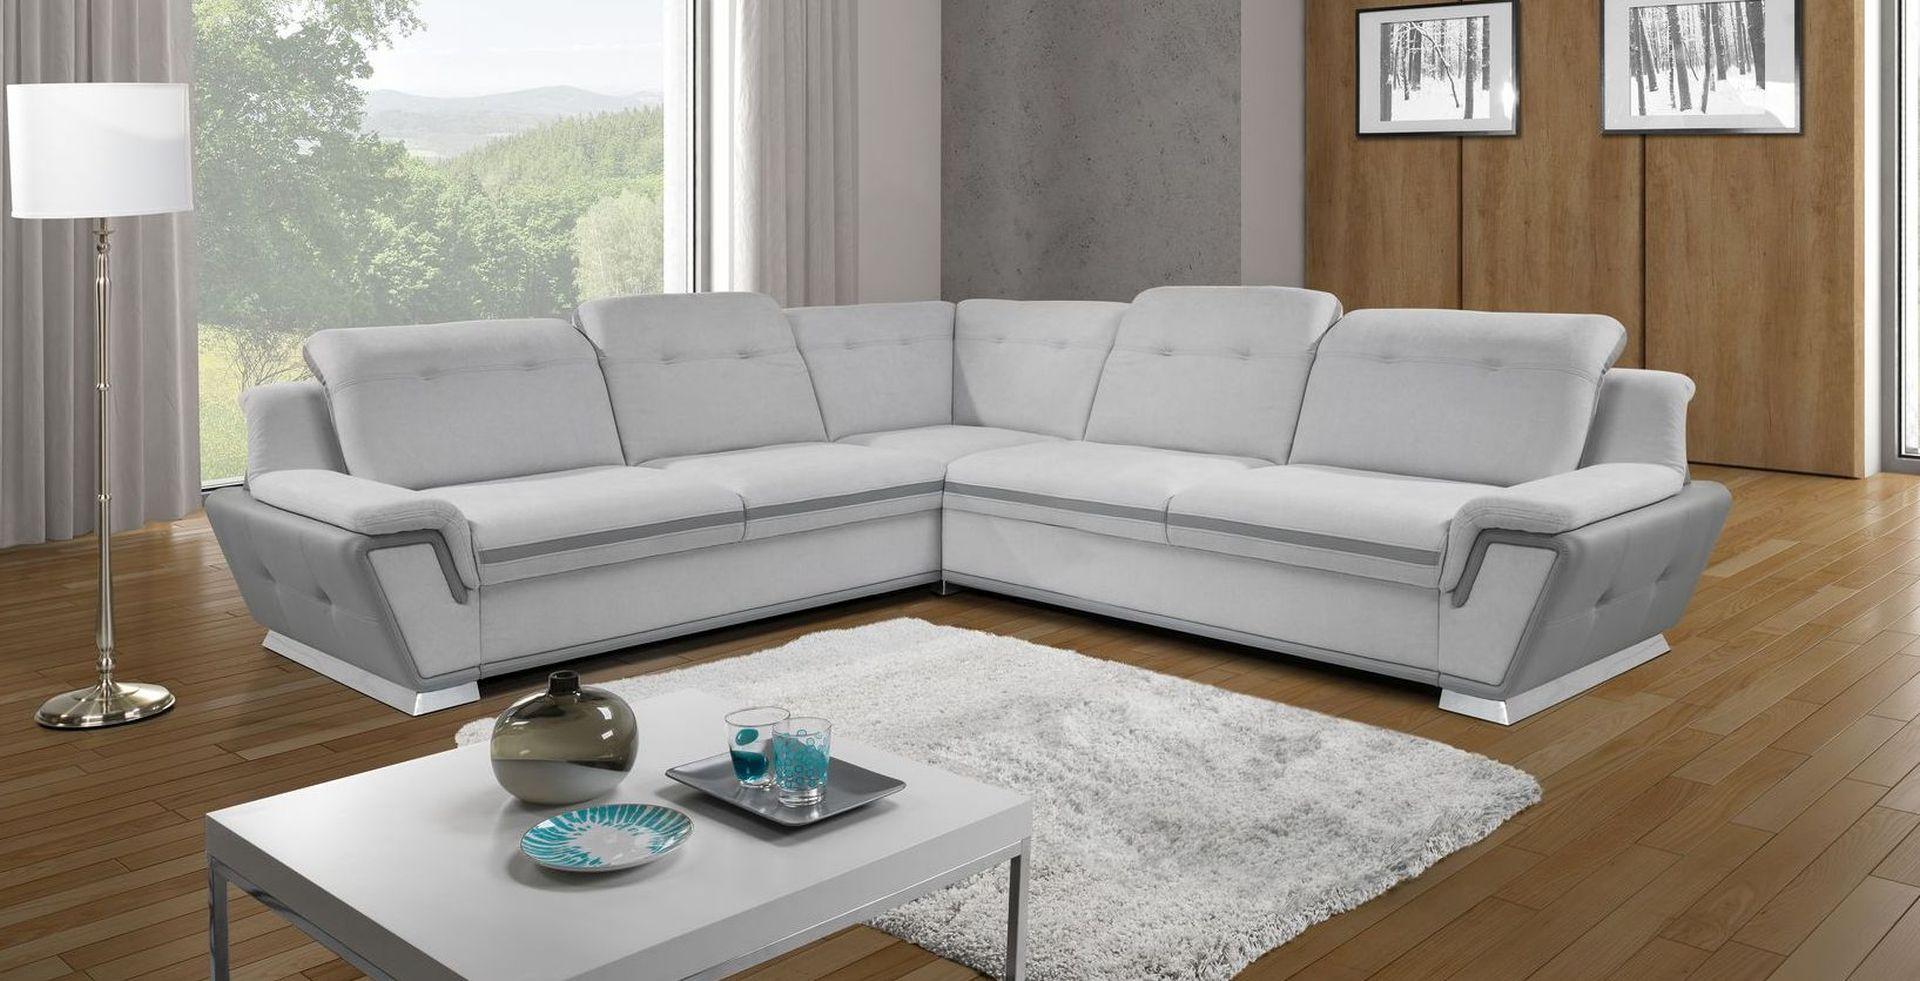 Sofa schlafsofa designer sofa mit bettfunktion for Ecksofa bettfunktion bettkasten